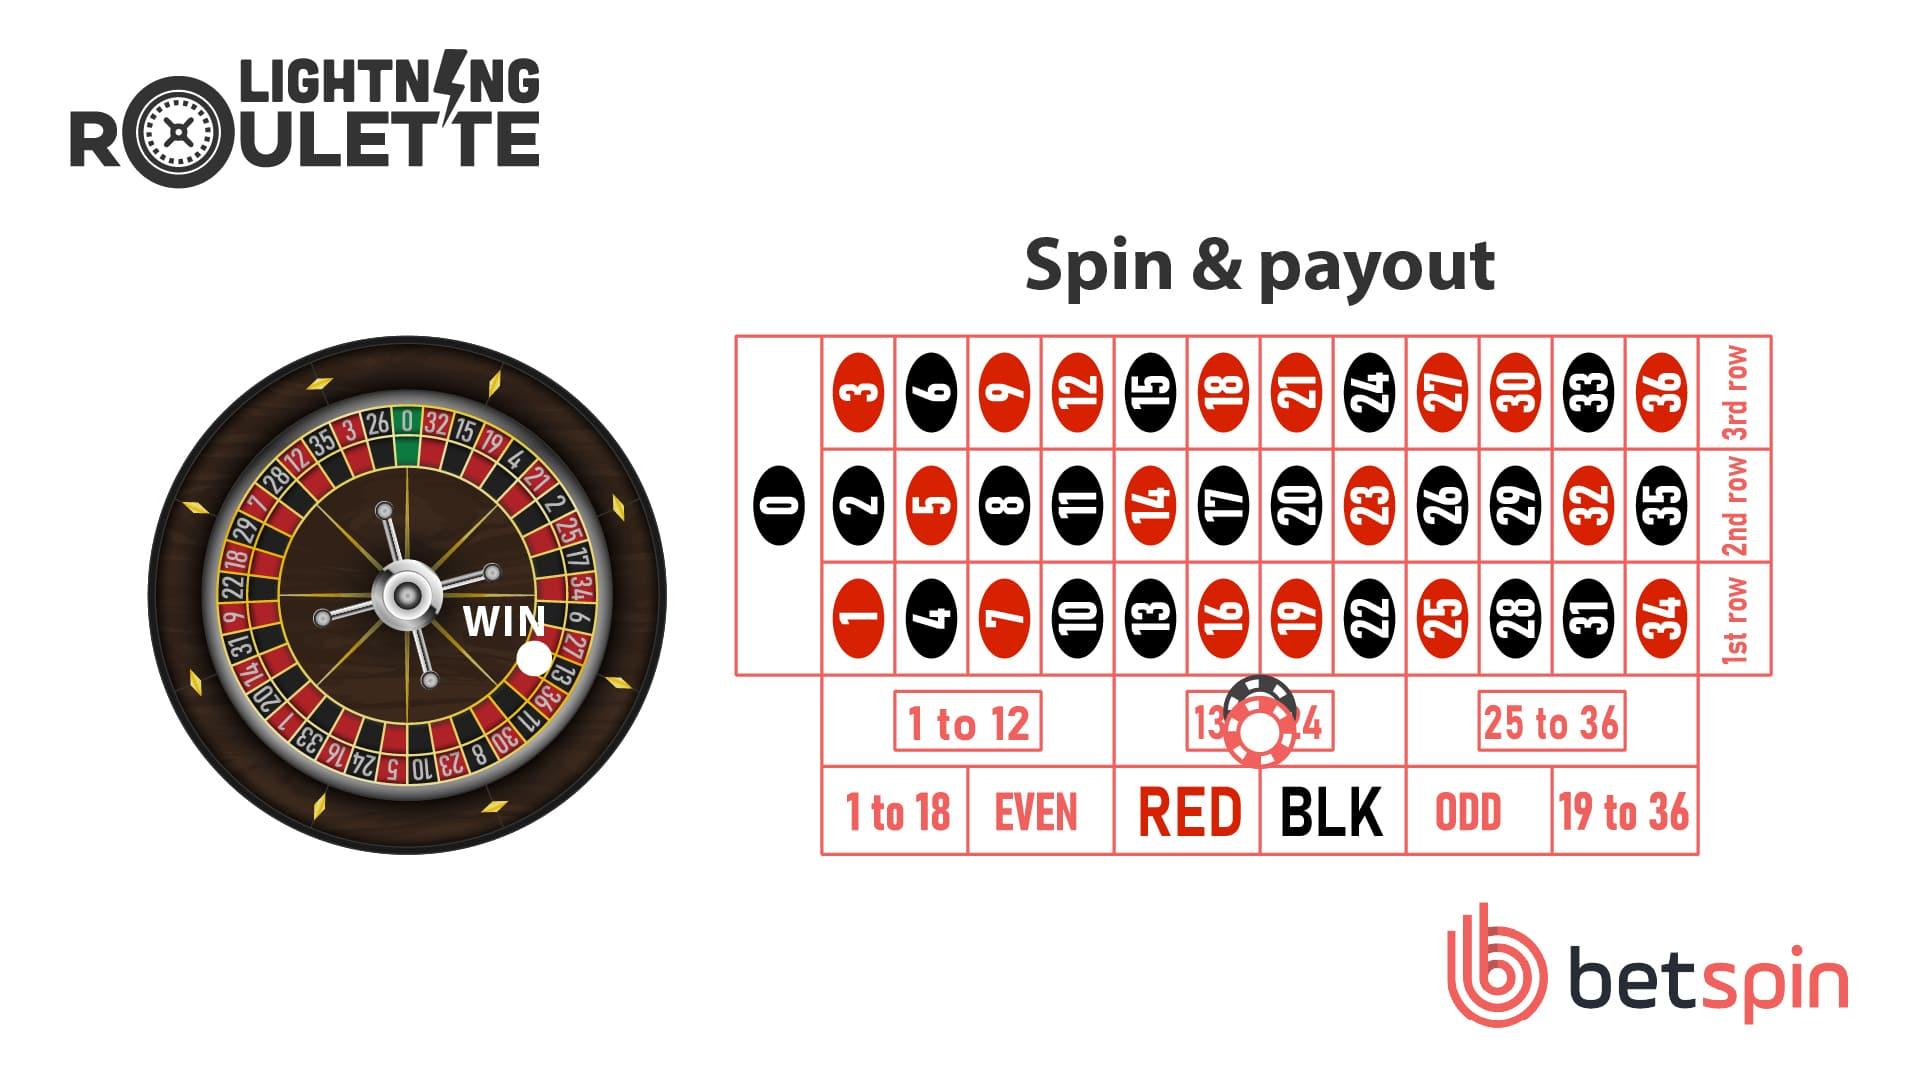 Lightning Roulette Step 3